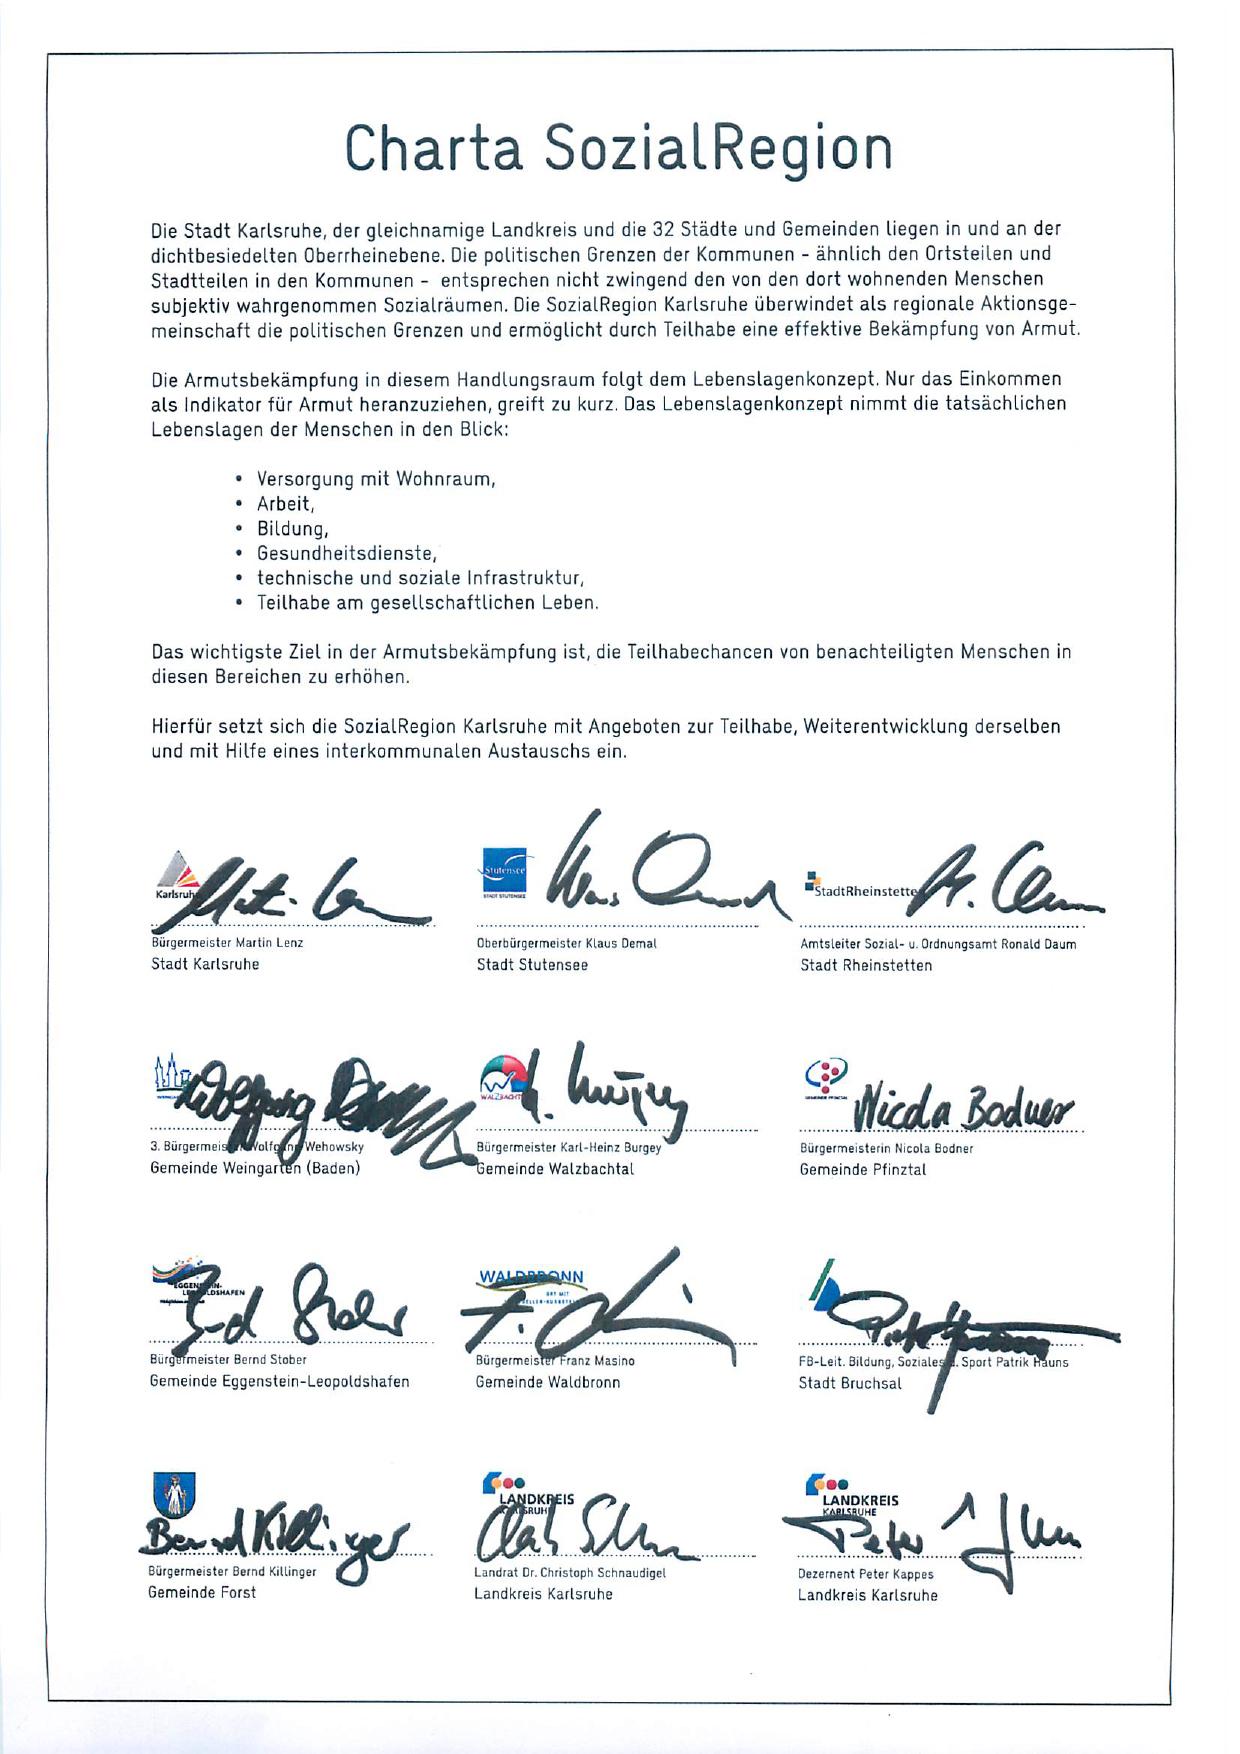 Charta_SozialRegion_2018_unterschrieben